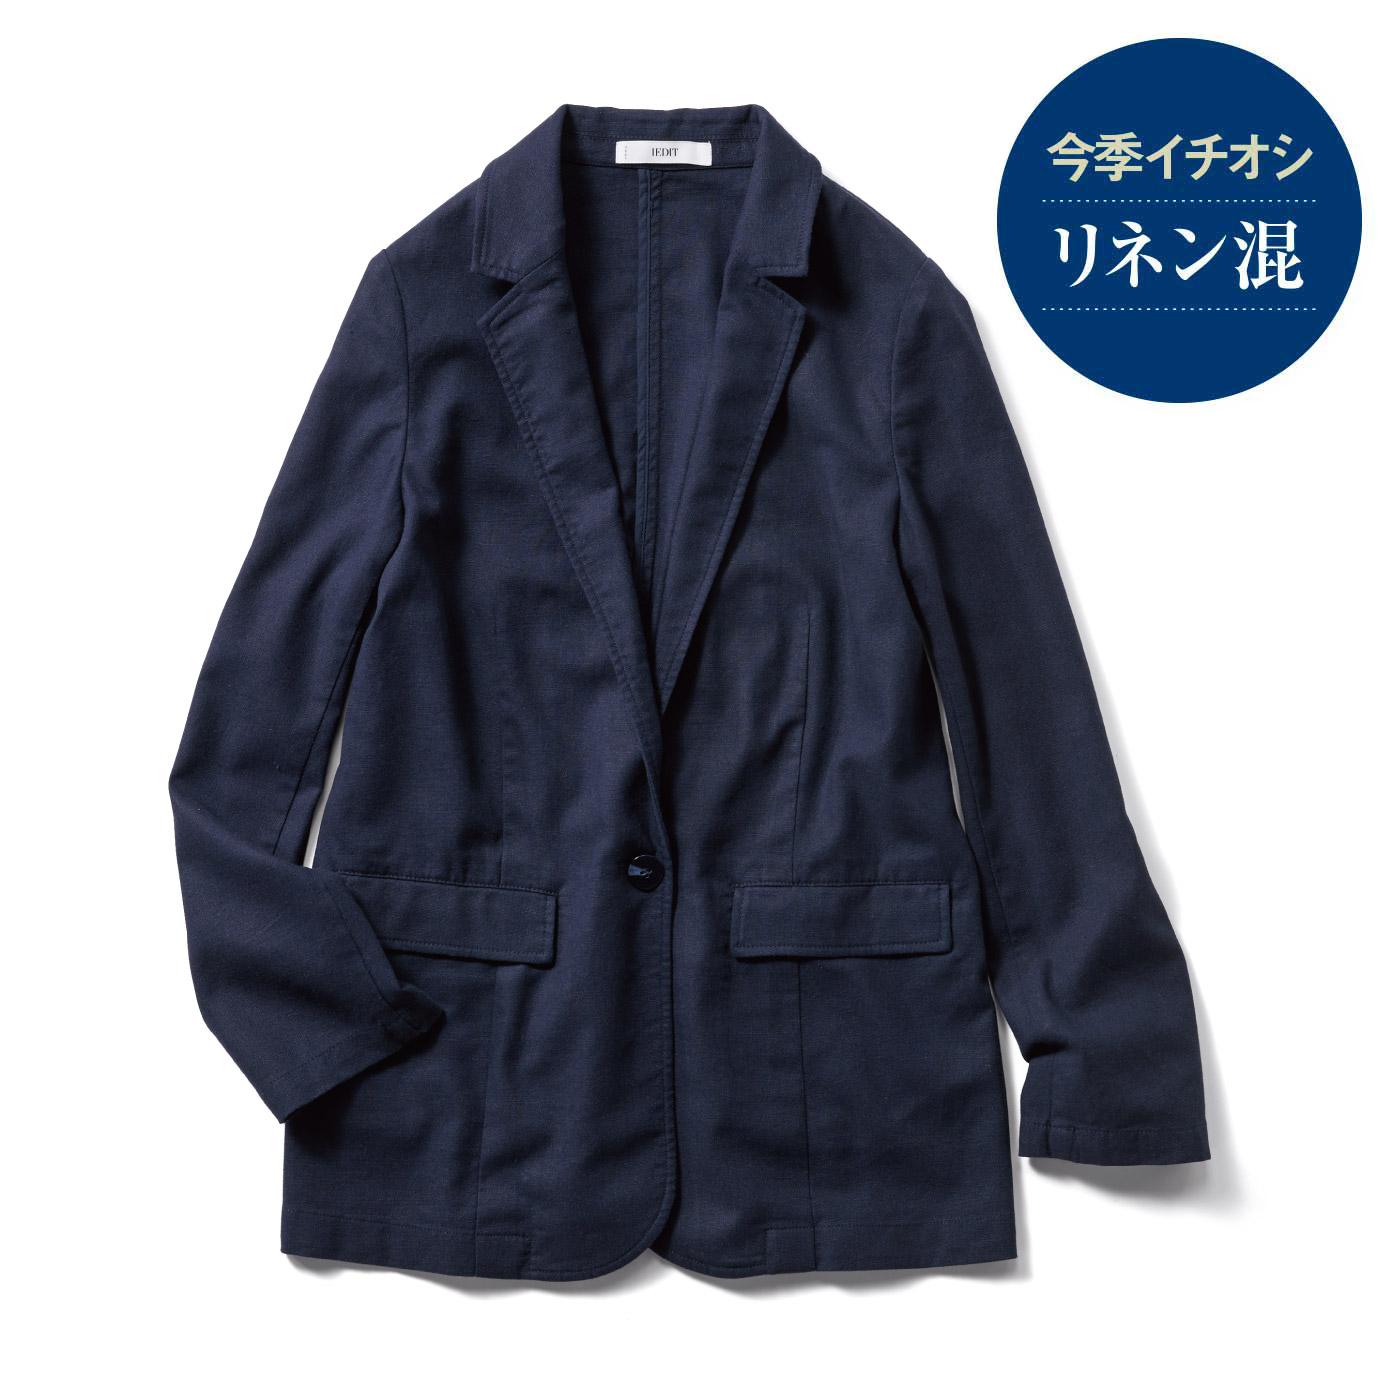 リネンすっきりジャケット〈ネイビー〉IE